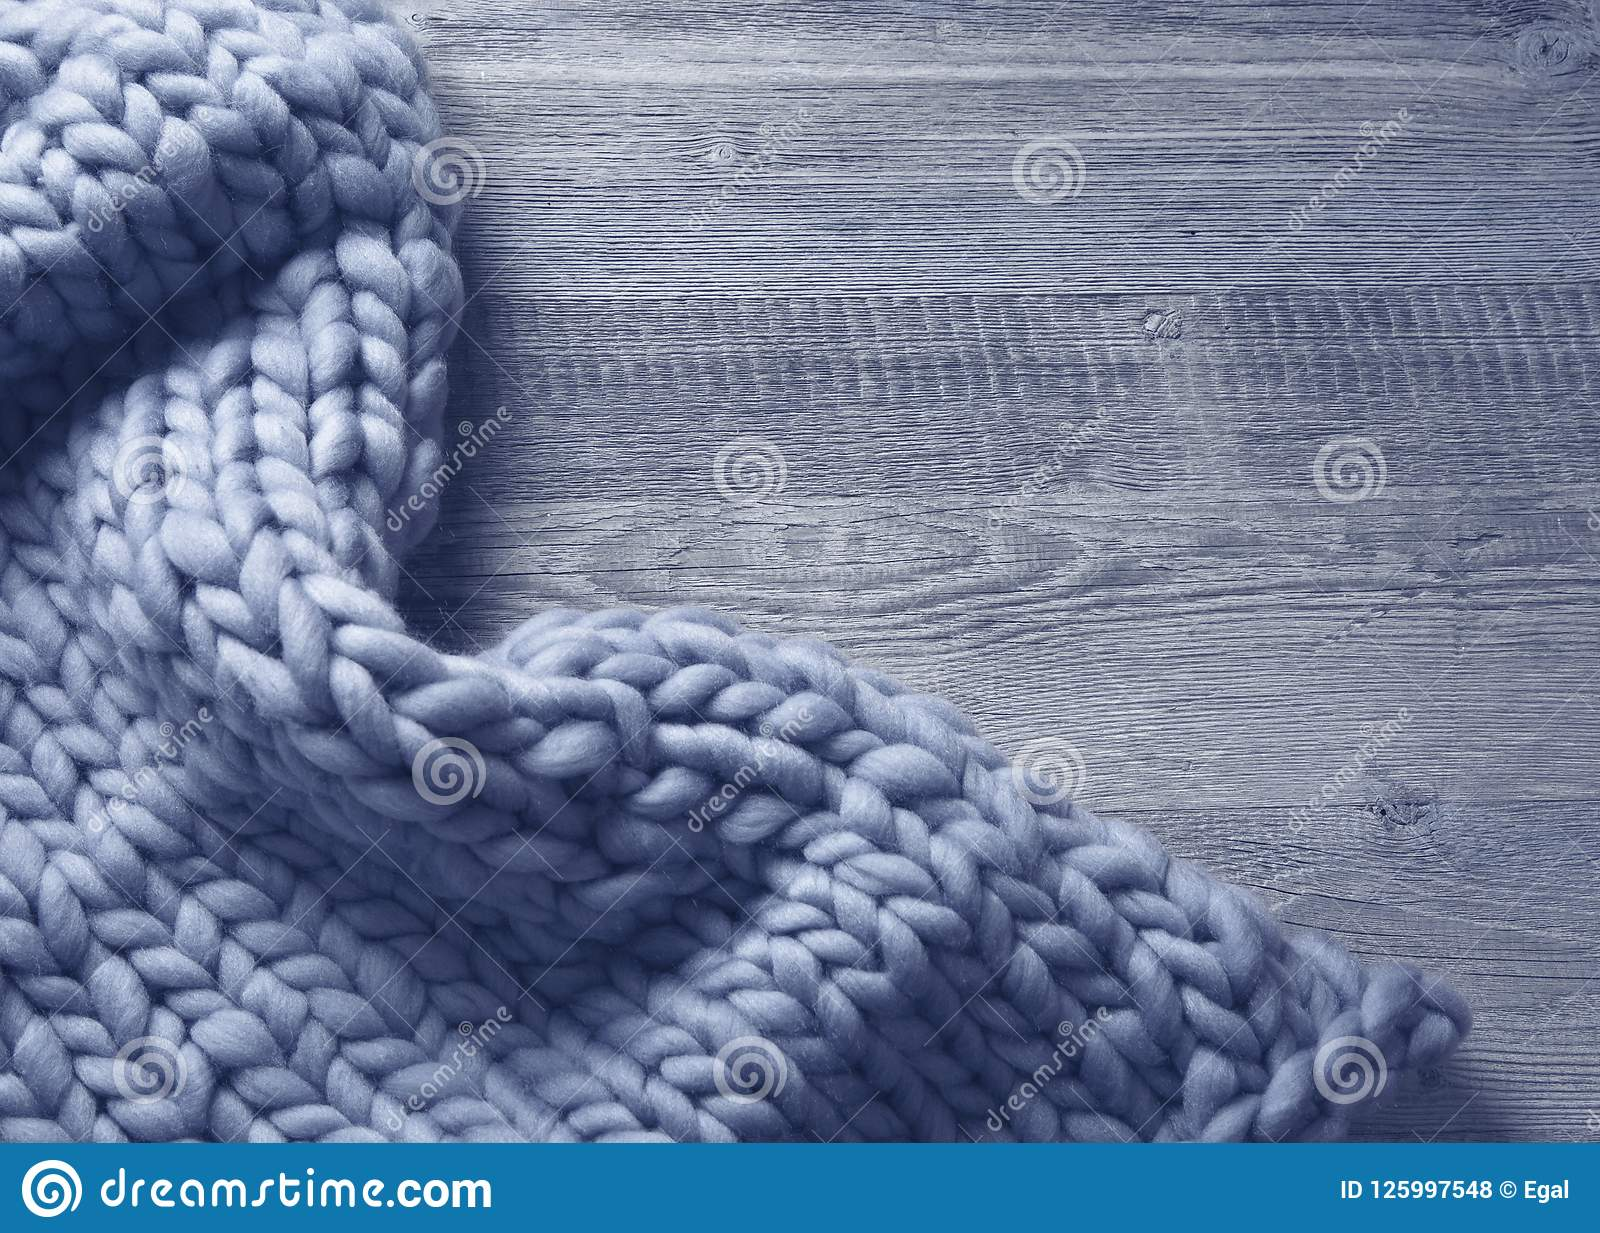 Download Merino wool blanket stock photo. Image of retro, merino - 125997548